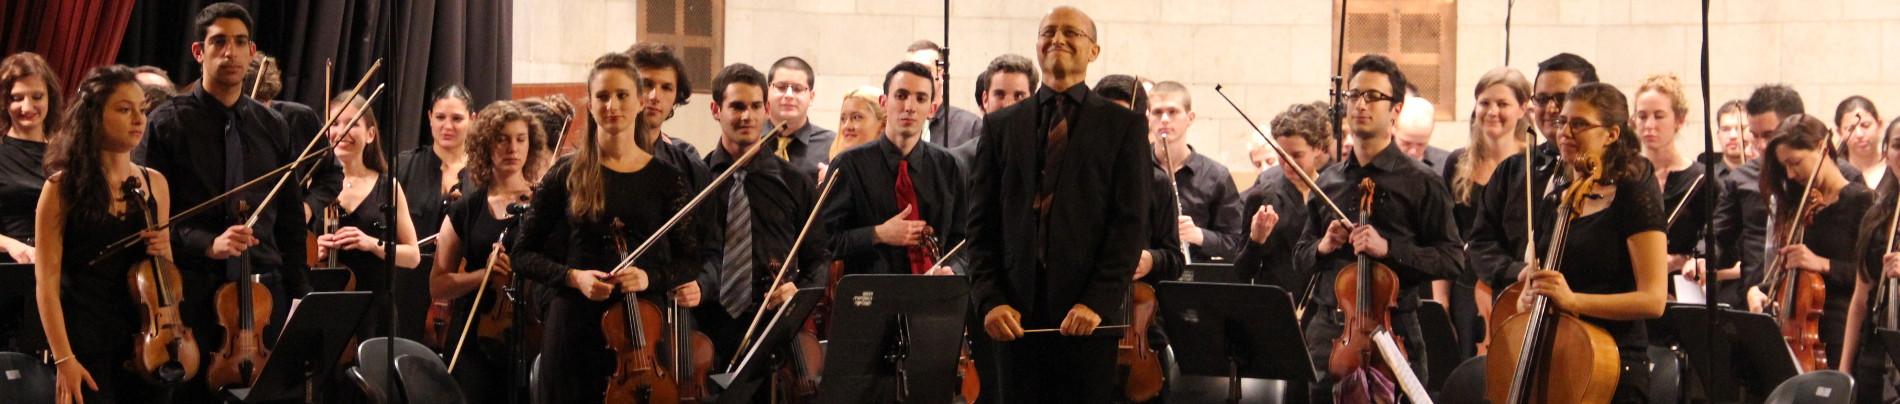 סימפוניית חורף - קונצרט לזכרו של הנשיא החמישי של מדינת ישראל יצחק נבון